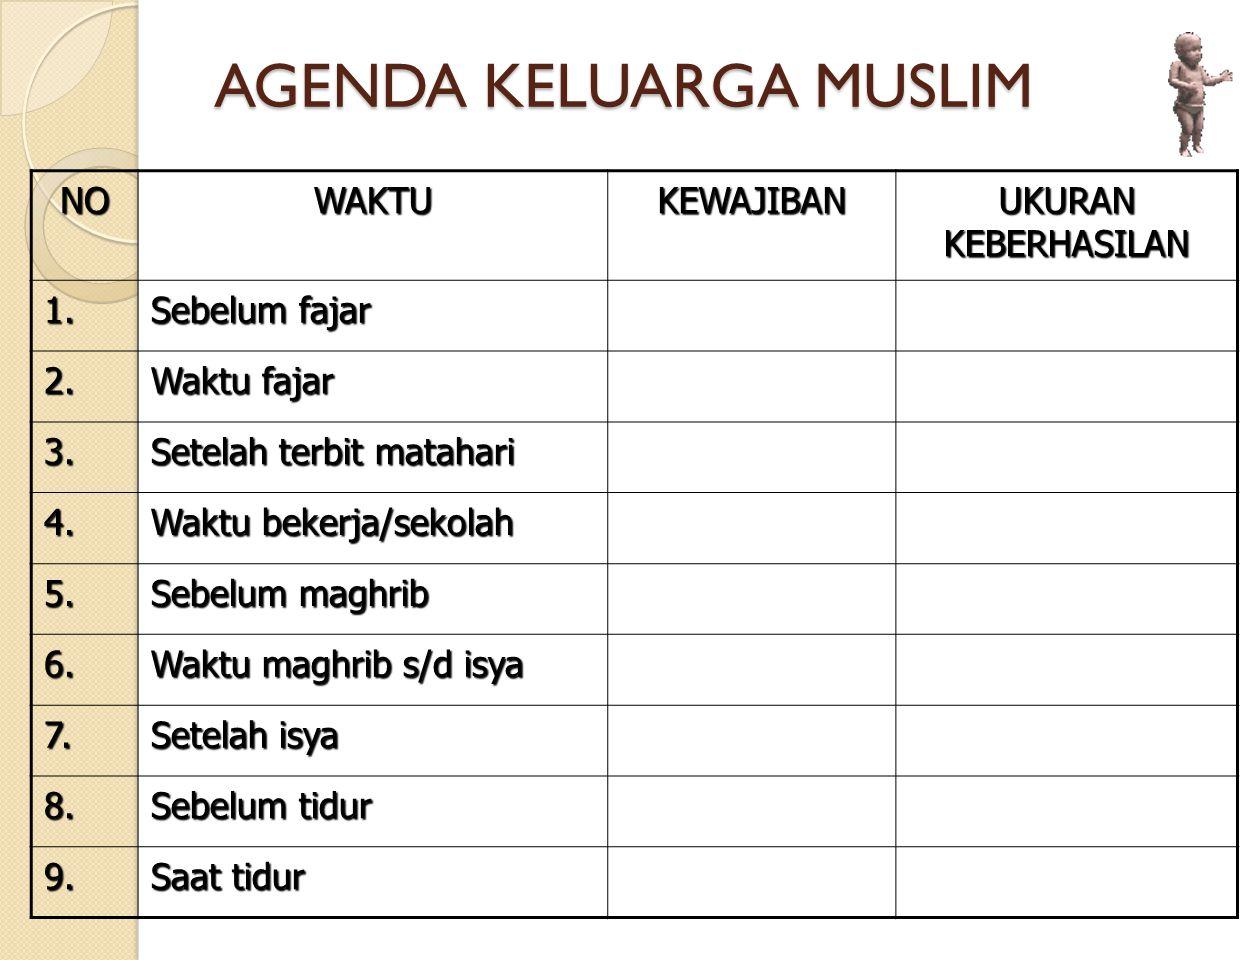 AGENDA KELUARGA MUSLIM